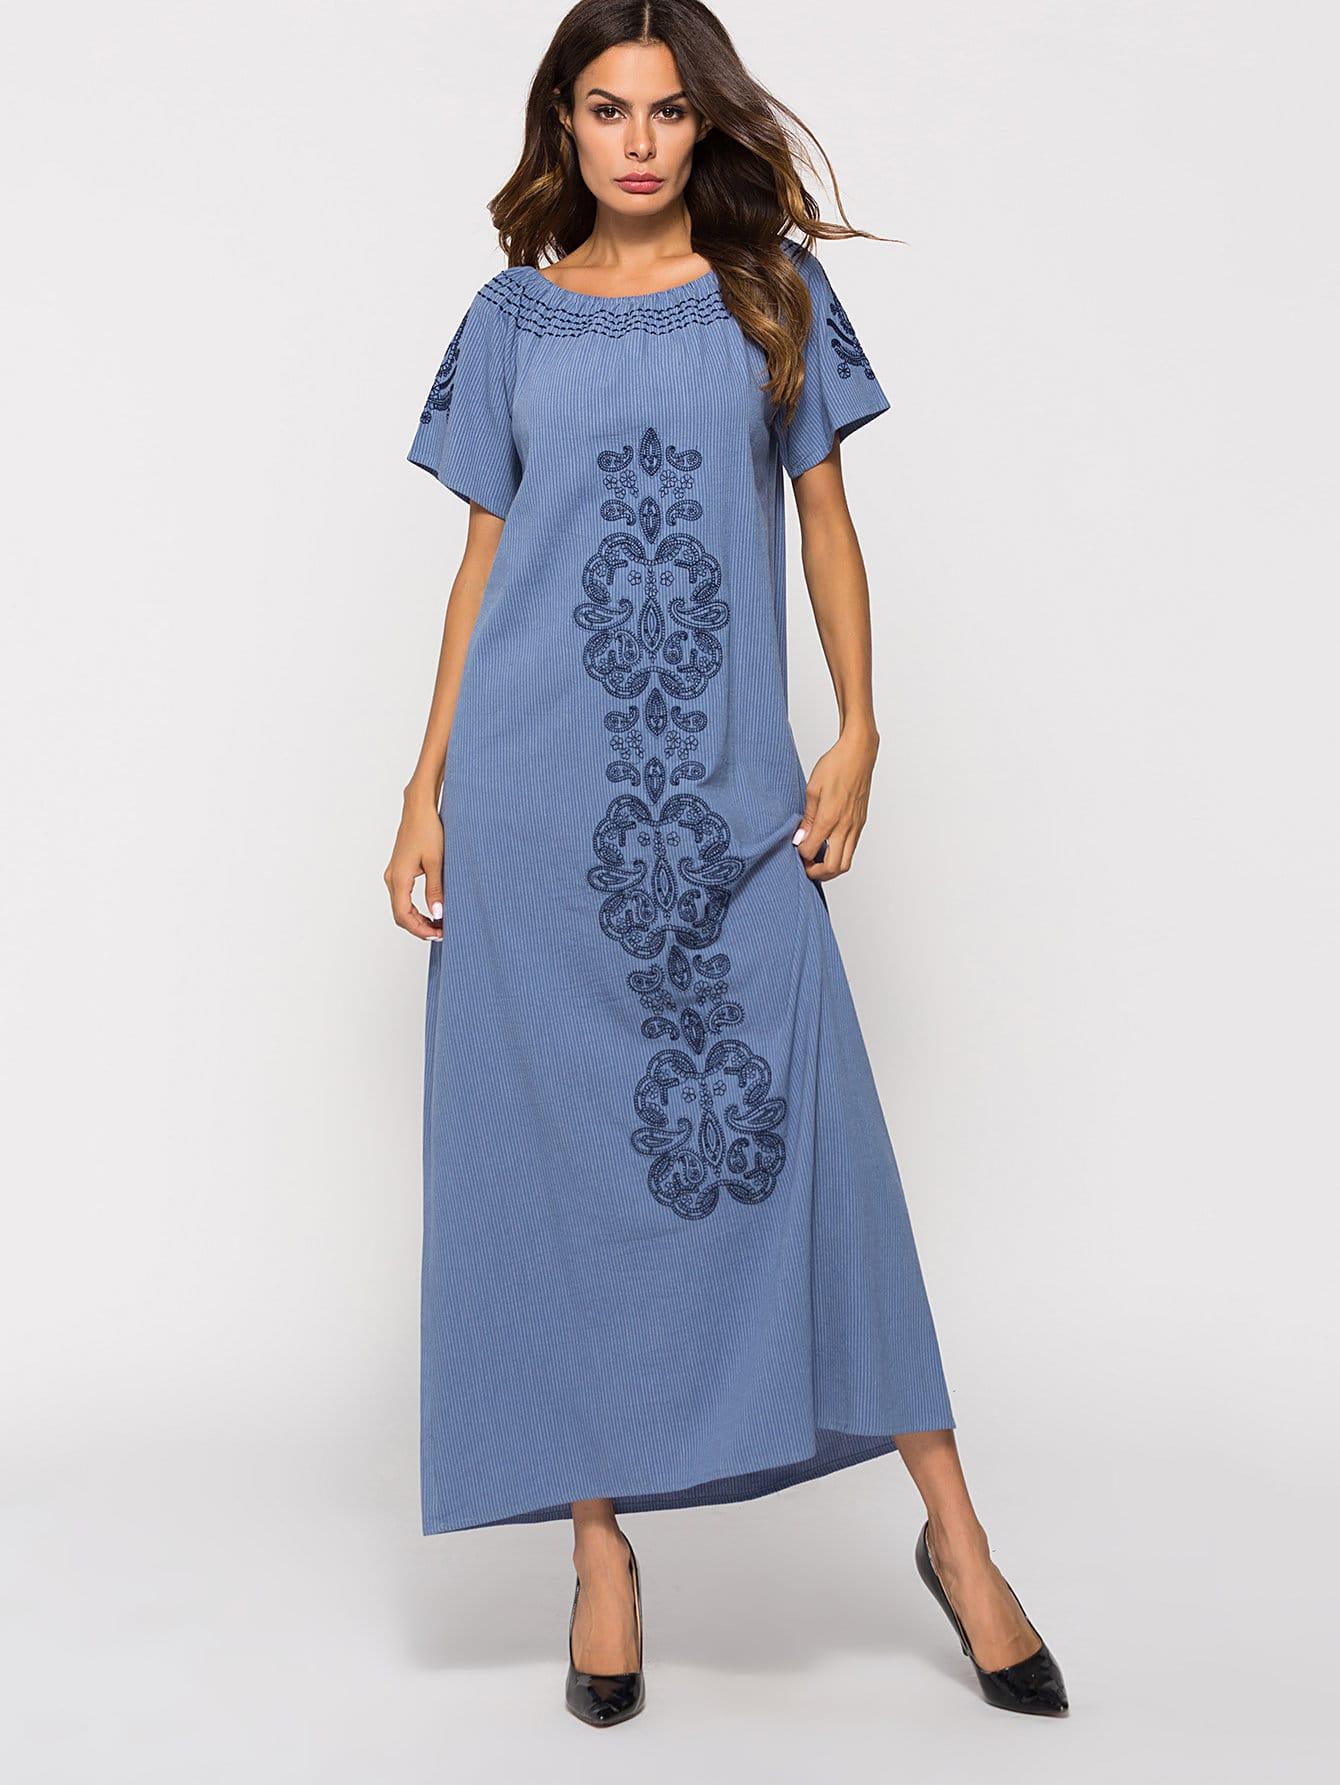 Купить Длинное платье без бретелек и с рисунками вышитыми, null, SheIn